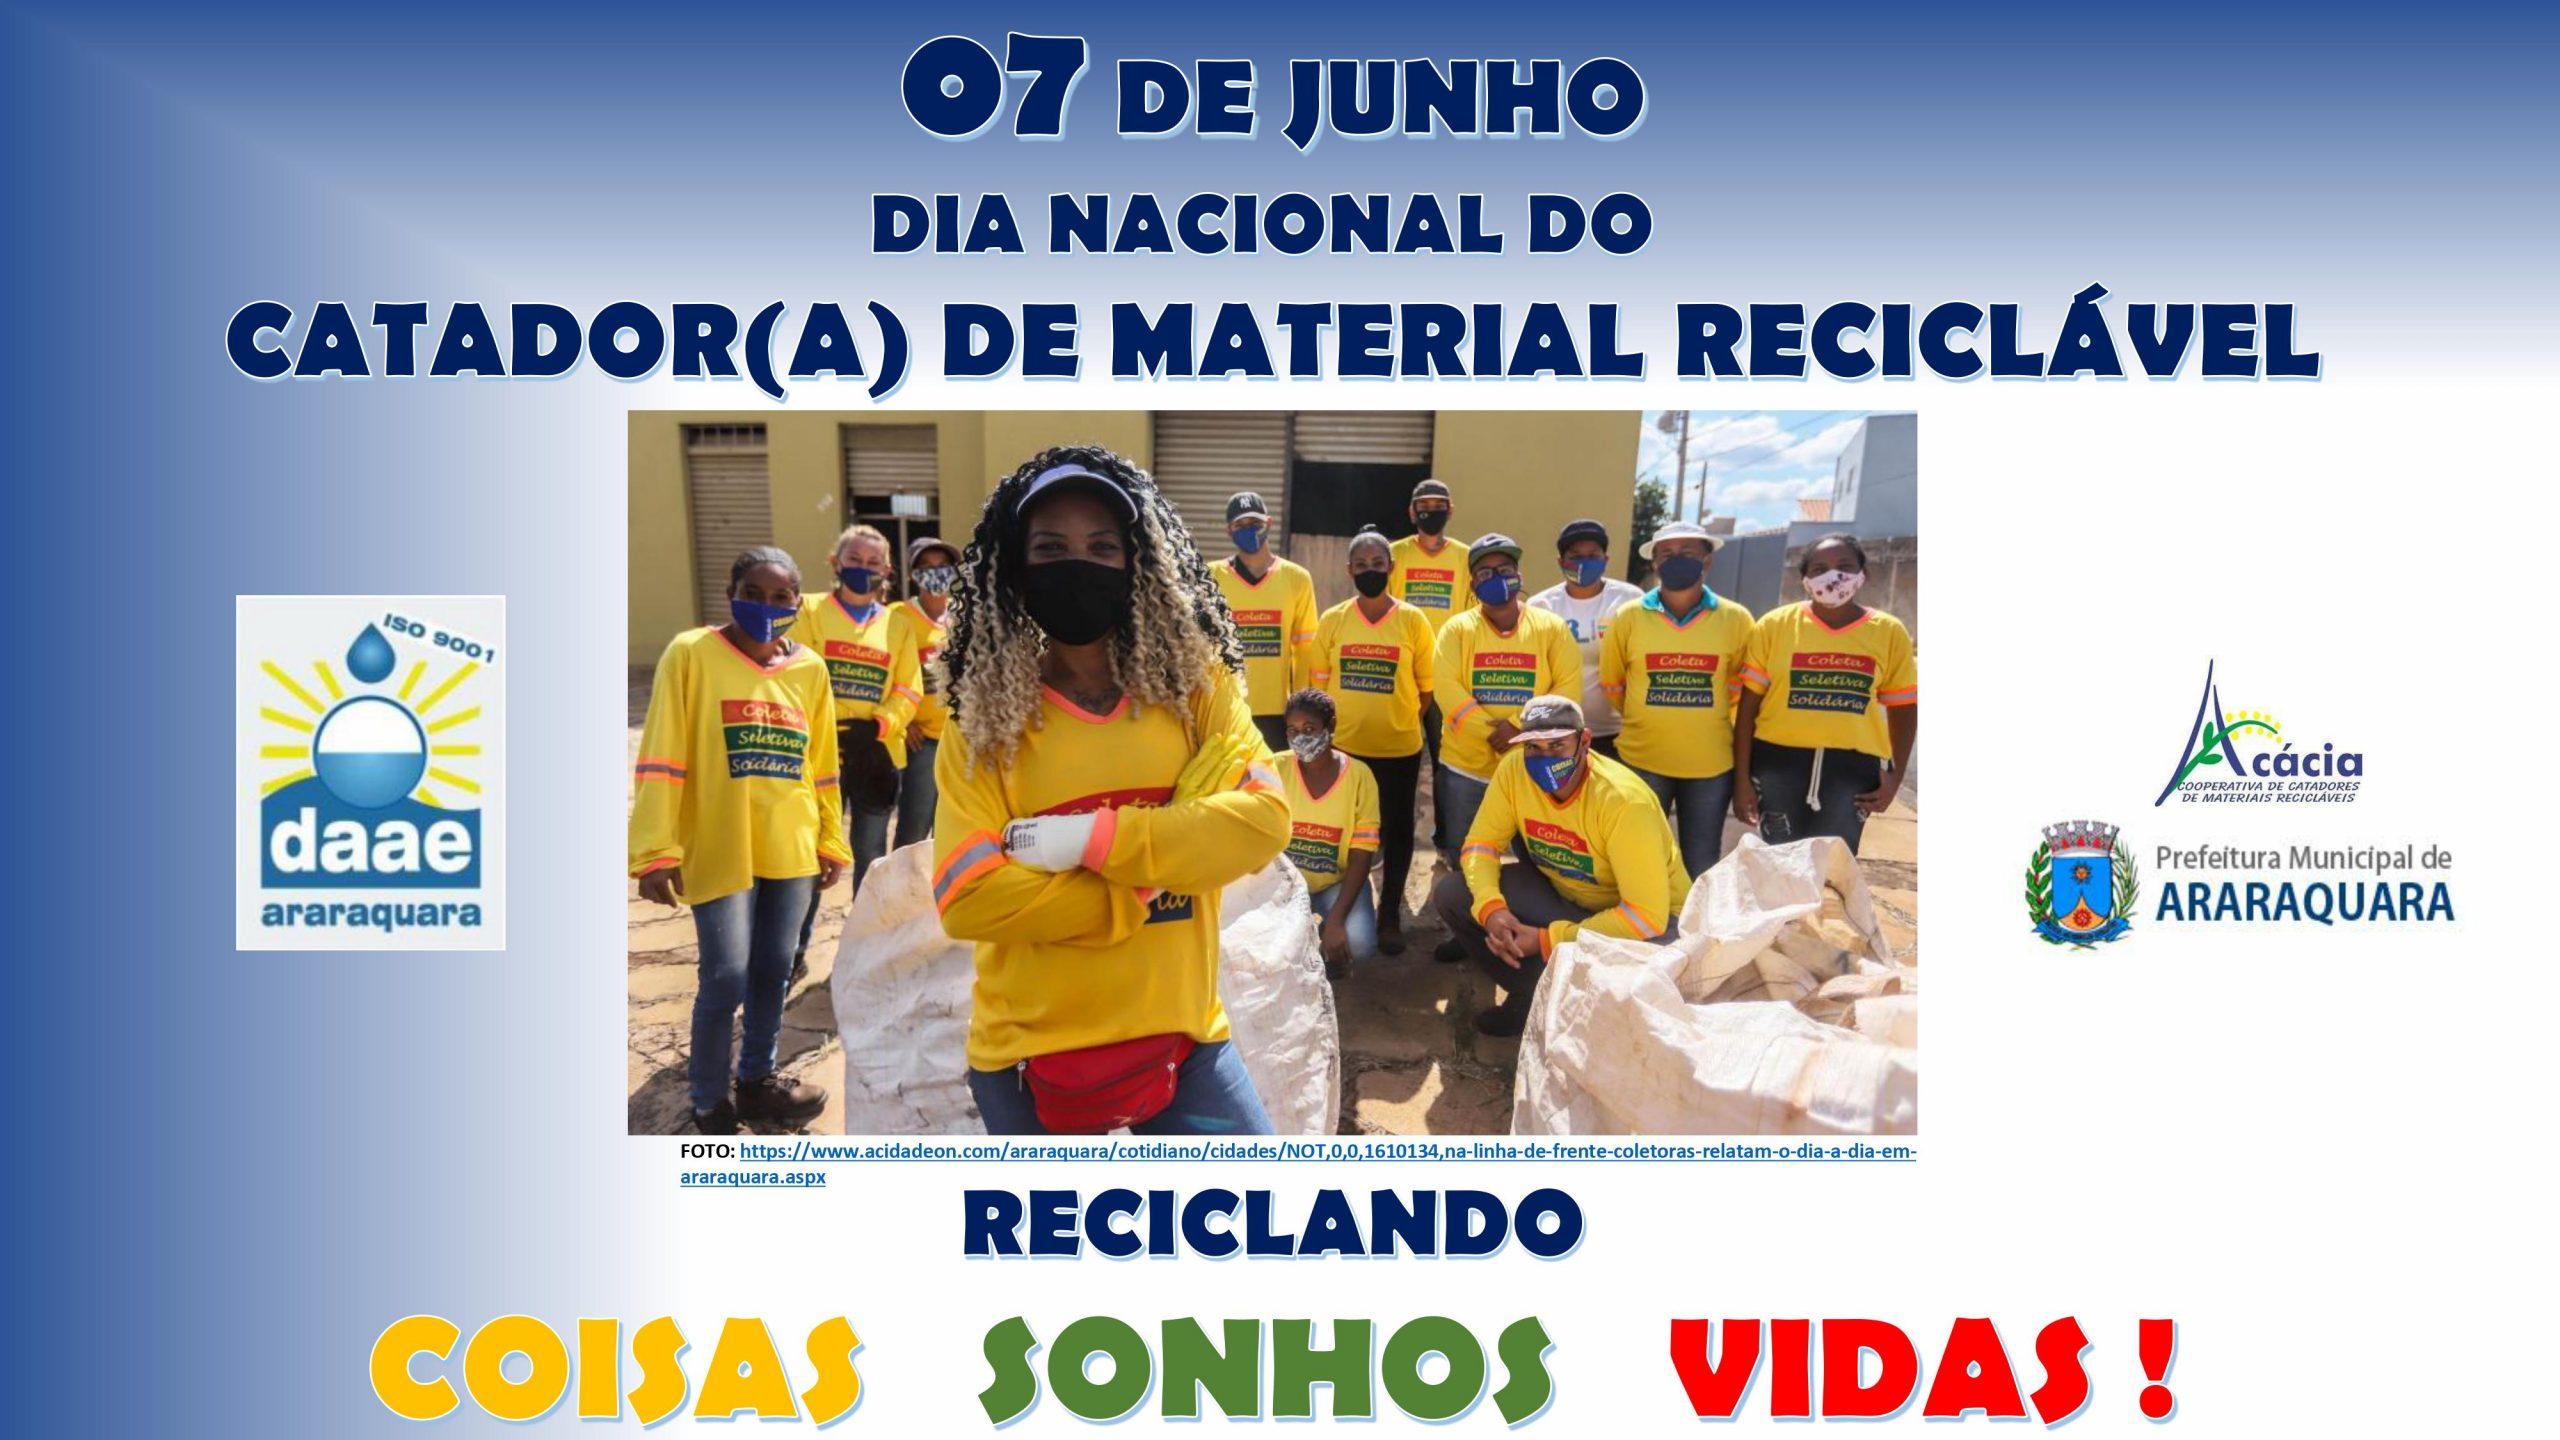 07 de junho – Dia Nacional do Catador(a) de Material Reciclável